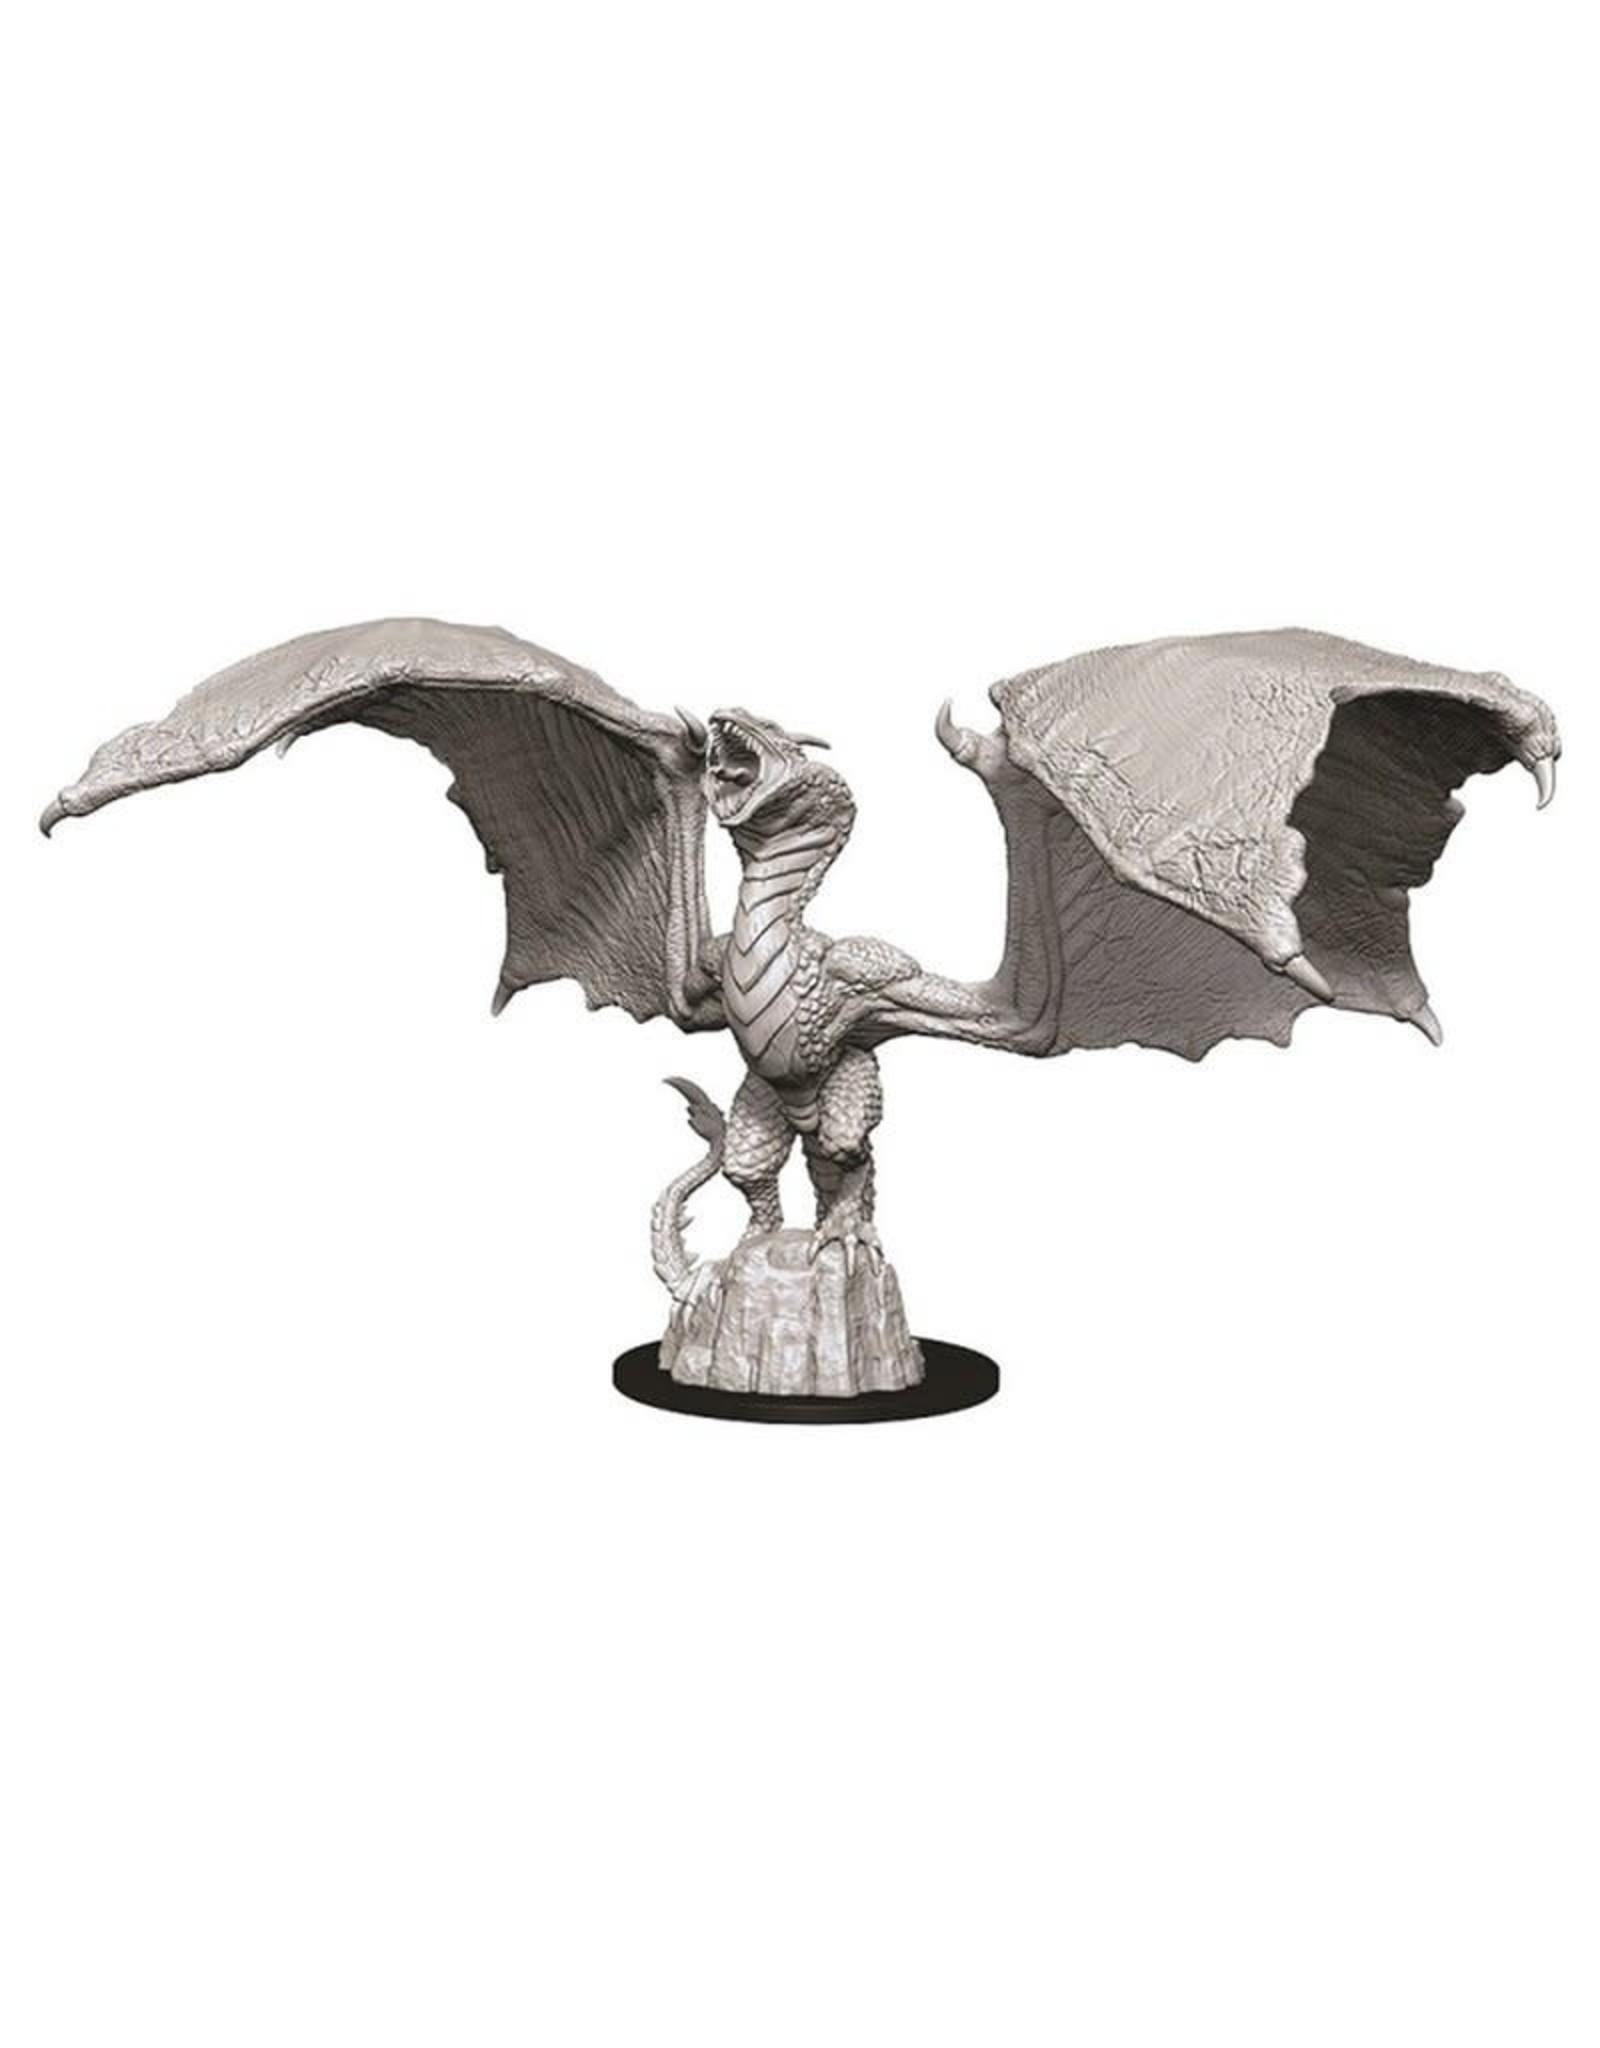 WizKids Dungeons & Dragons Nolzur's Marvelous Miniatures: Wyvern